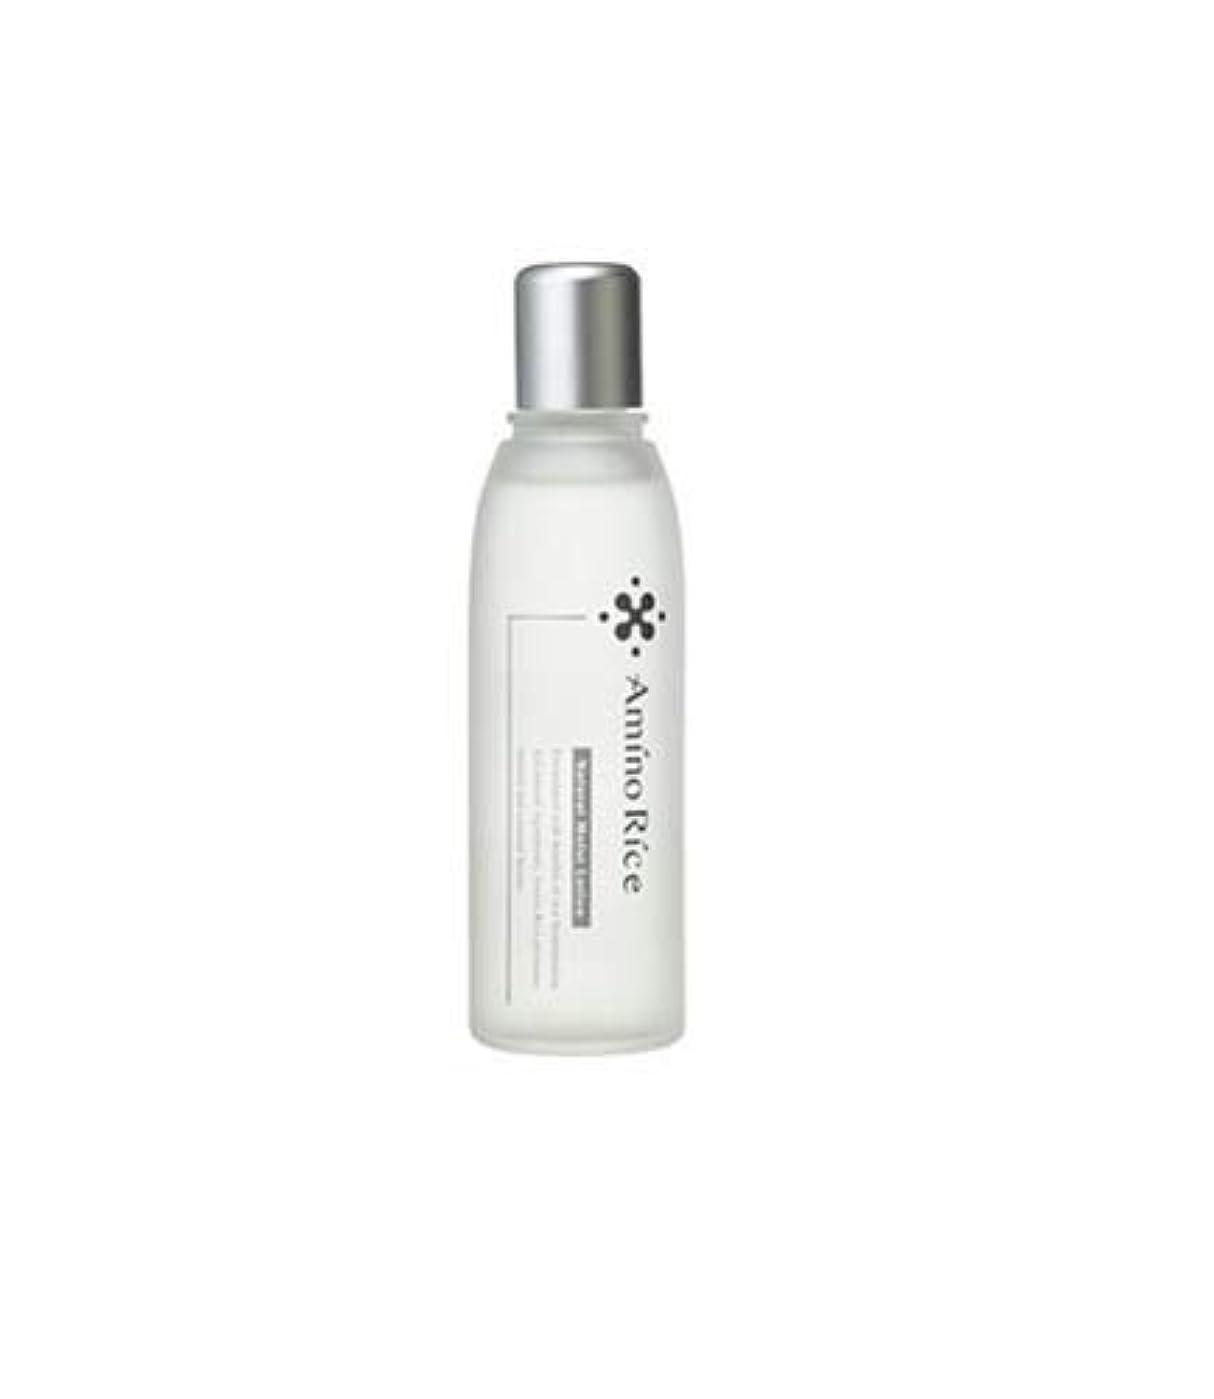 プレフィックス貴重なリングレットアミノリセ モイストローション (化粧水 120mL) 天然 アミノ酸 (酒蔵の発酵コスメ)